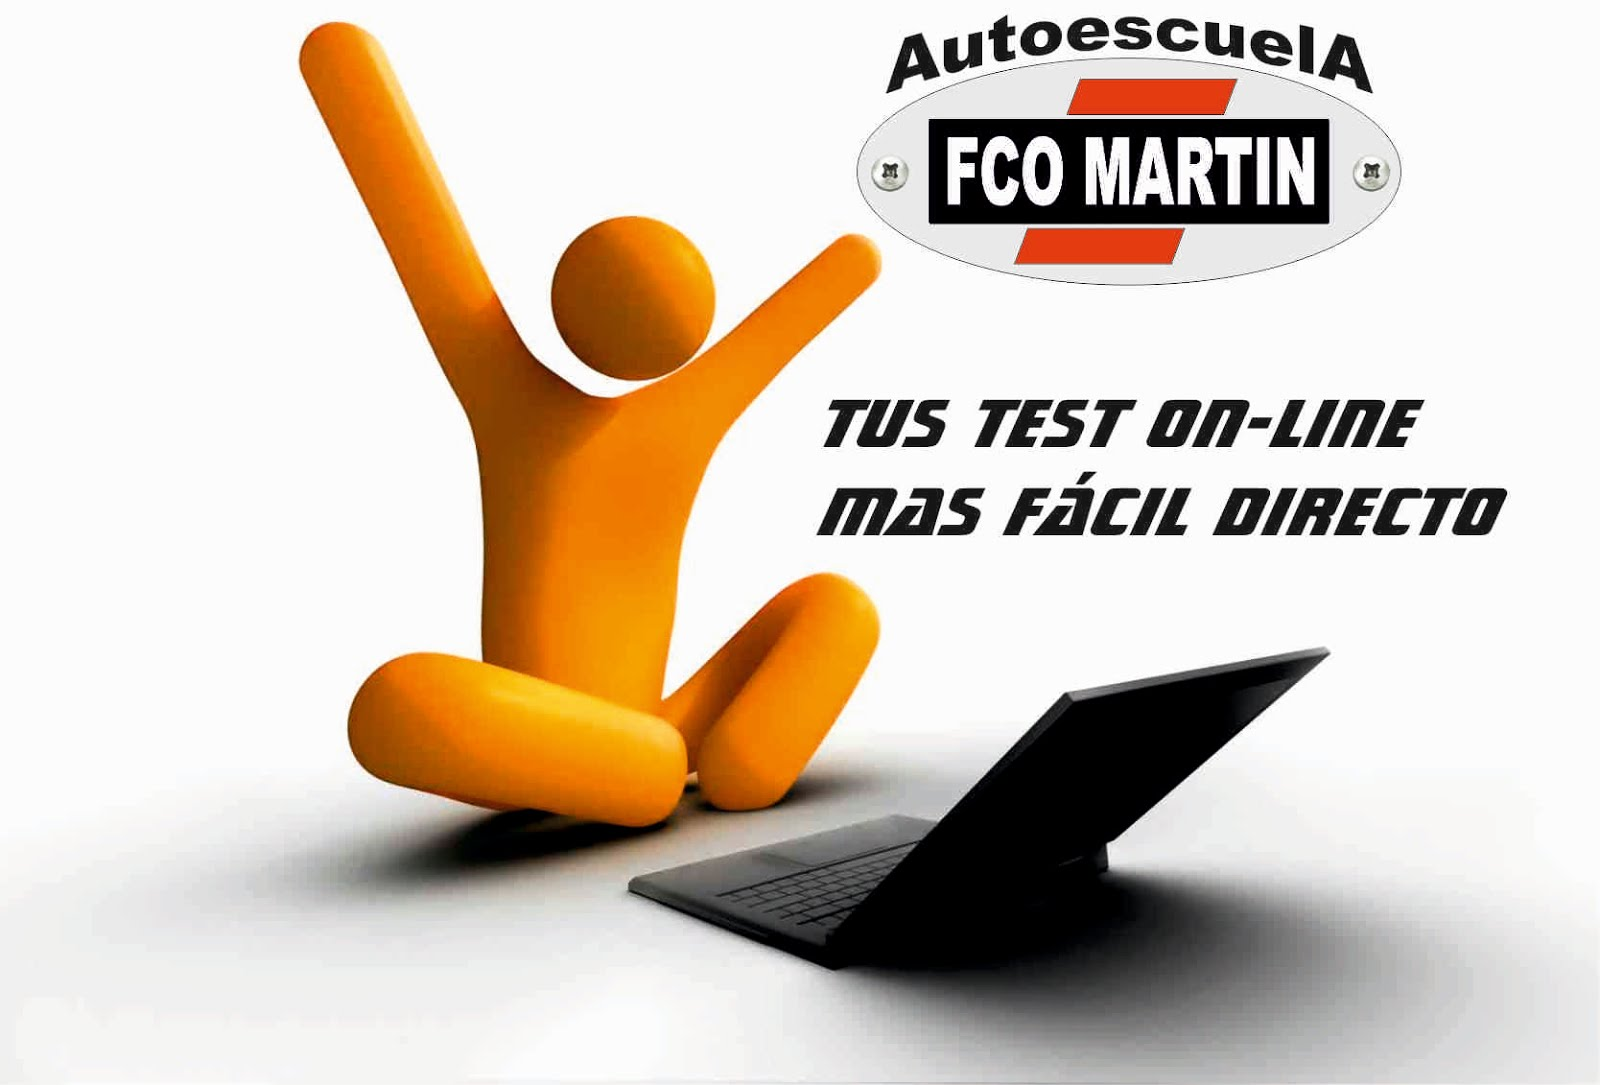 test on-line